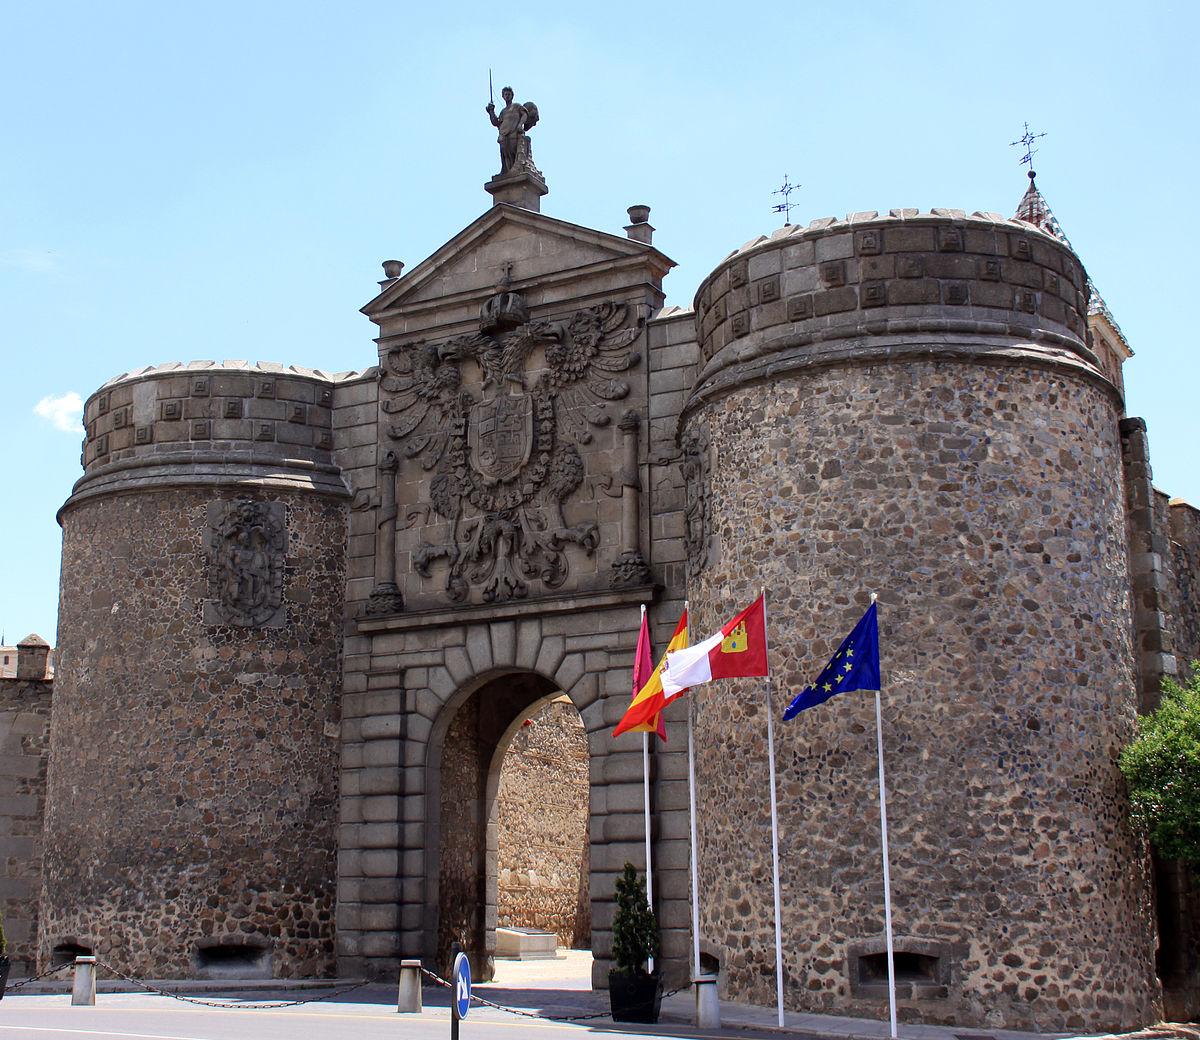 Puerta nueva de bisagra wikipedia la enciclopedia libre for Shoko puerta de toledo